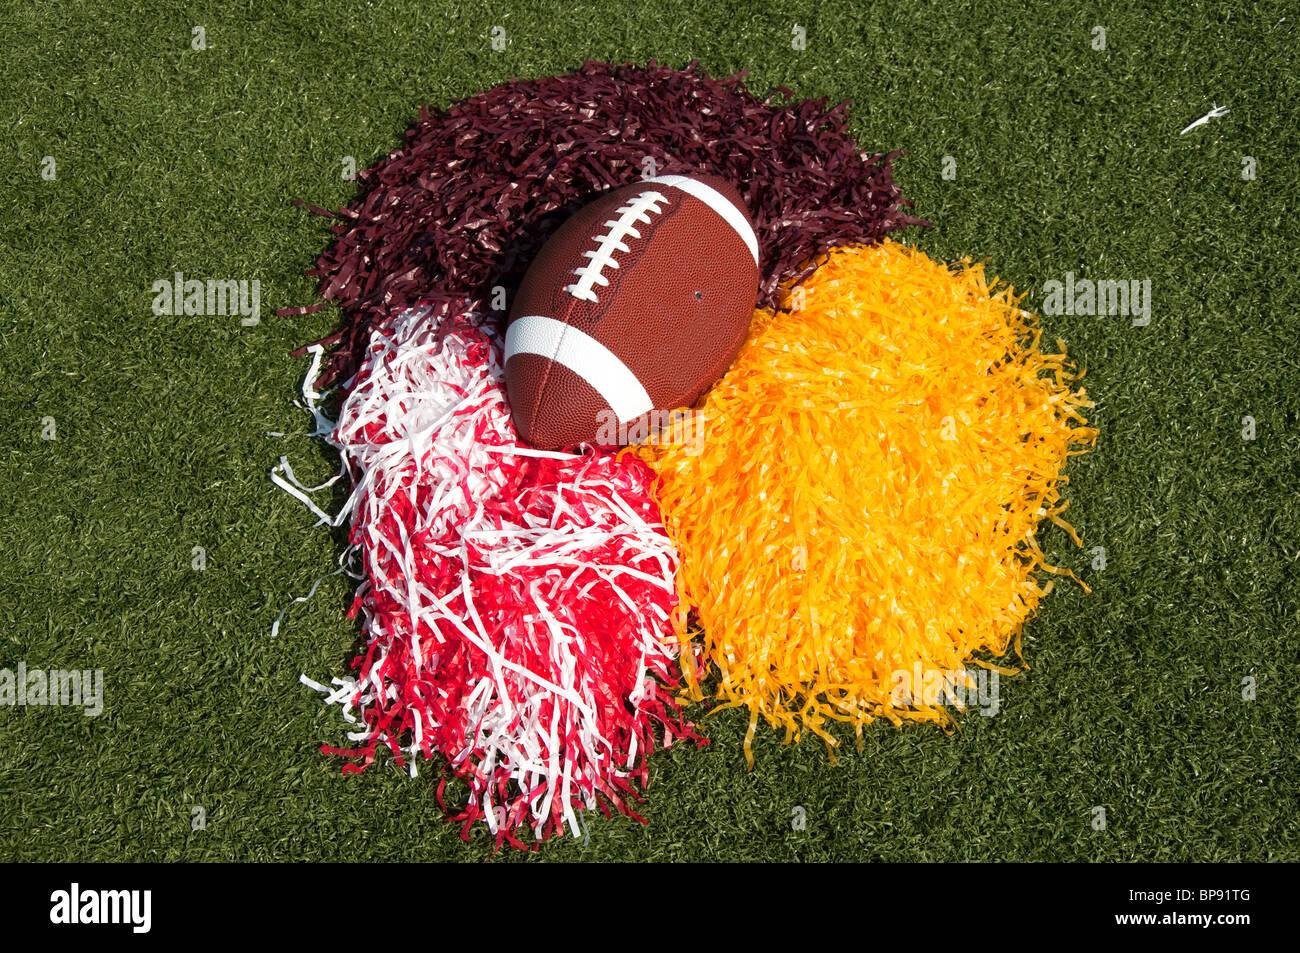 Il football americano e il pom pom sul campo. Immagini Stock